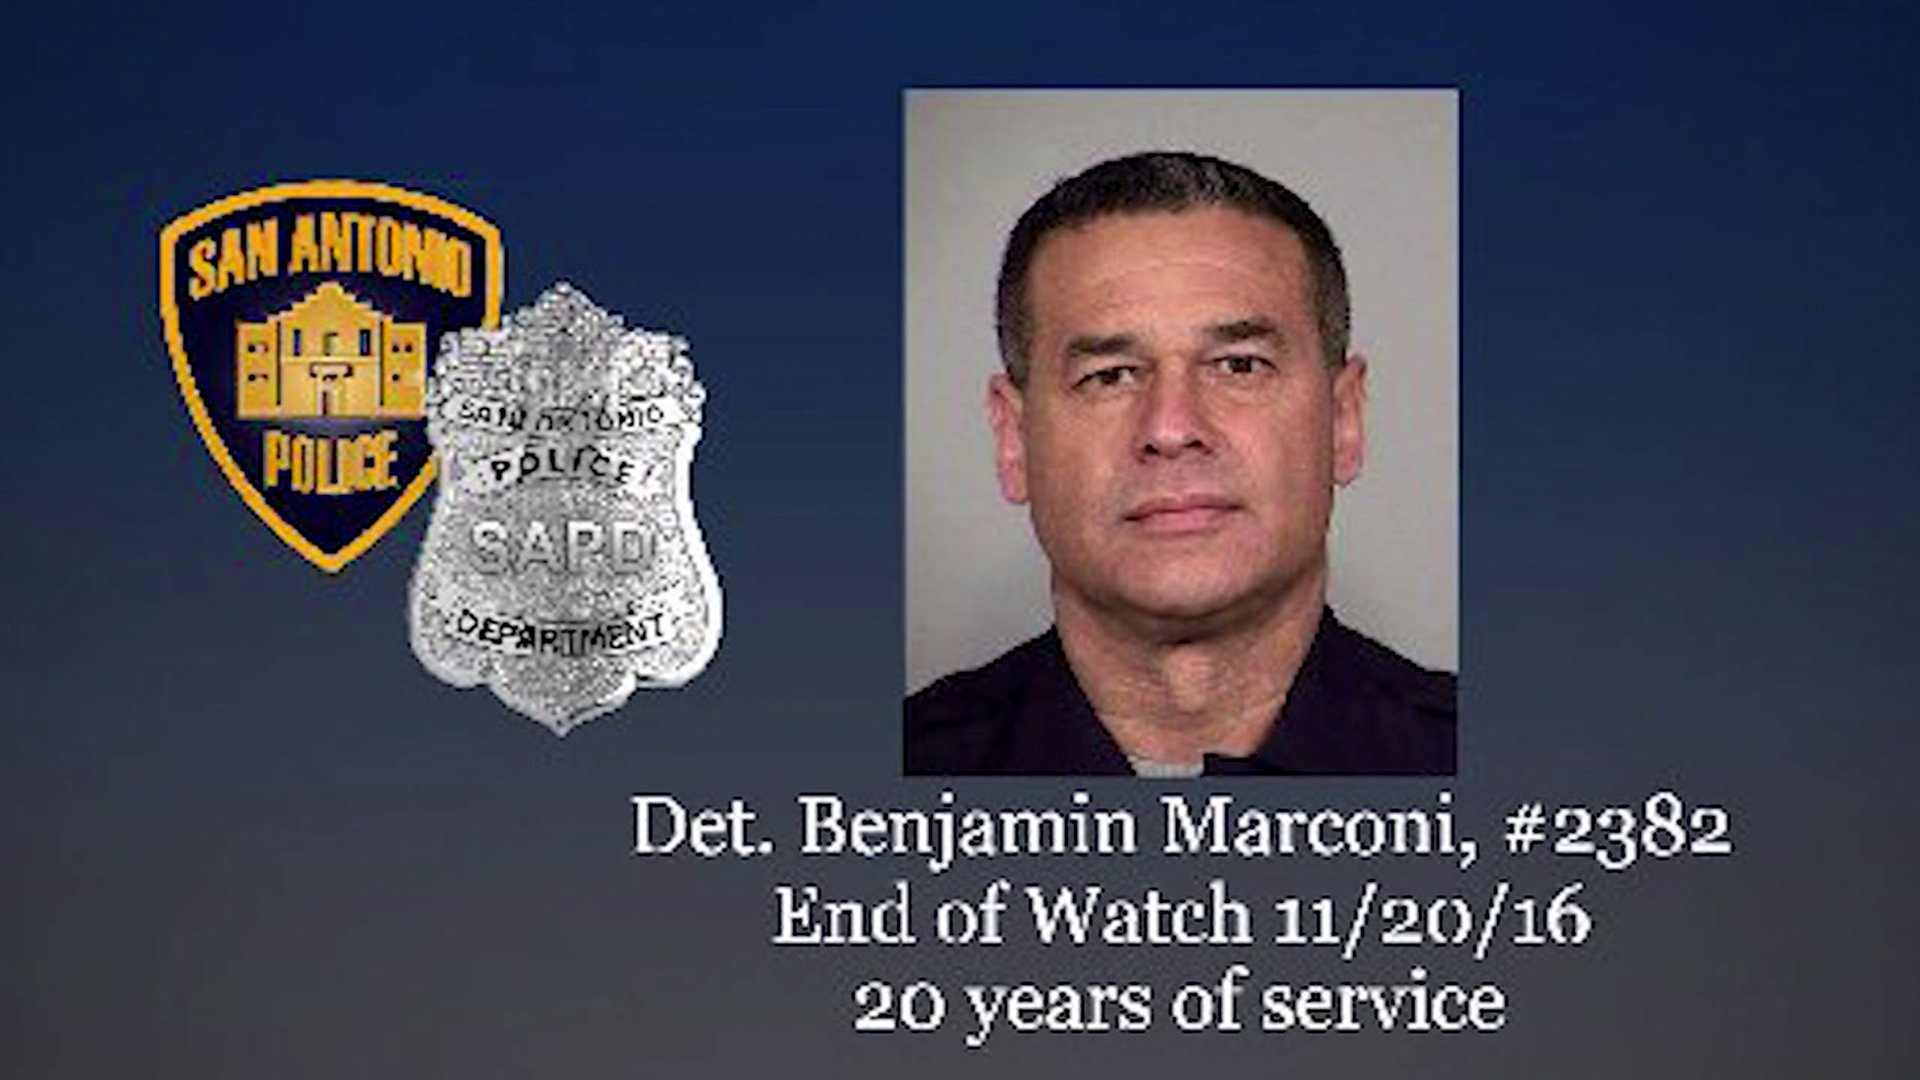 Det. Benjamin Marconi was killed in the line of duty Sunday, Nov. 20.